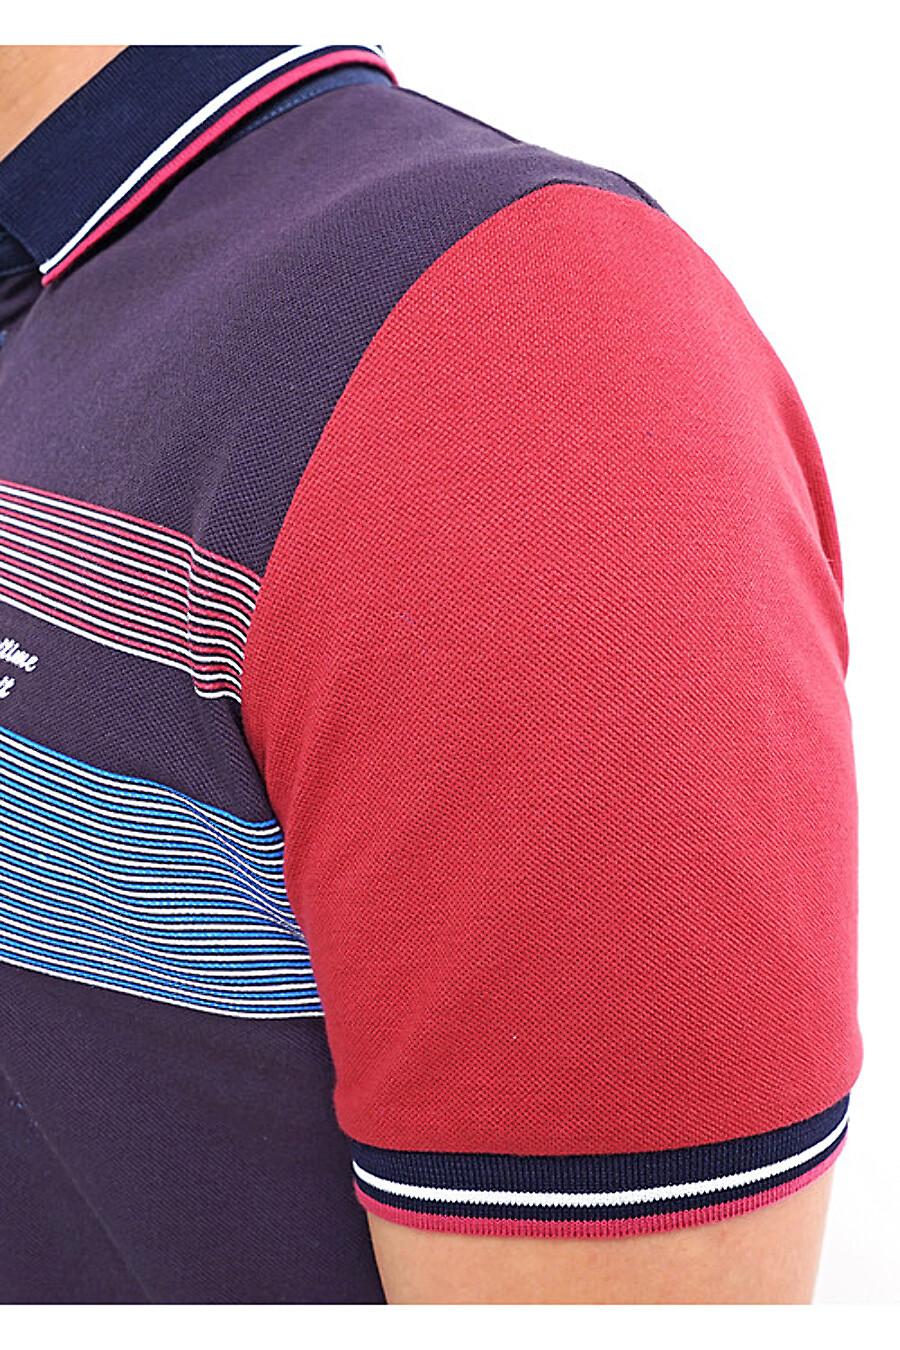 Футболка для мужчин CLEVER 169369 купить оптом от производителя. Совместная покупка мужской одежды в OptMoyo